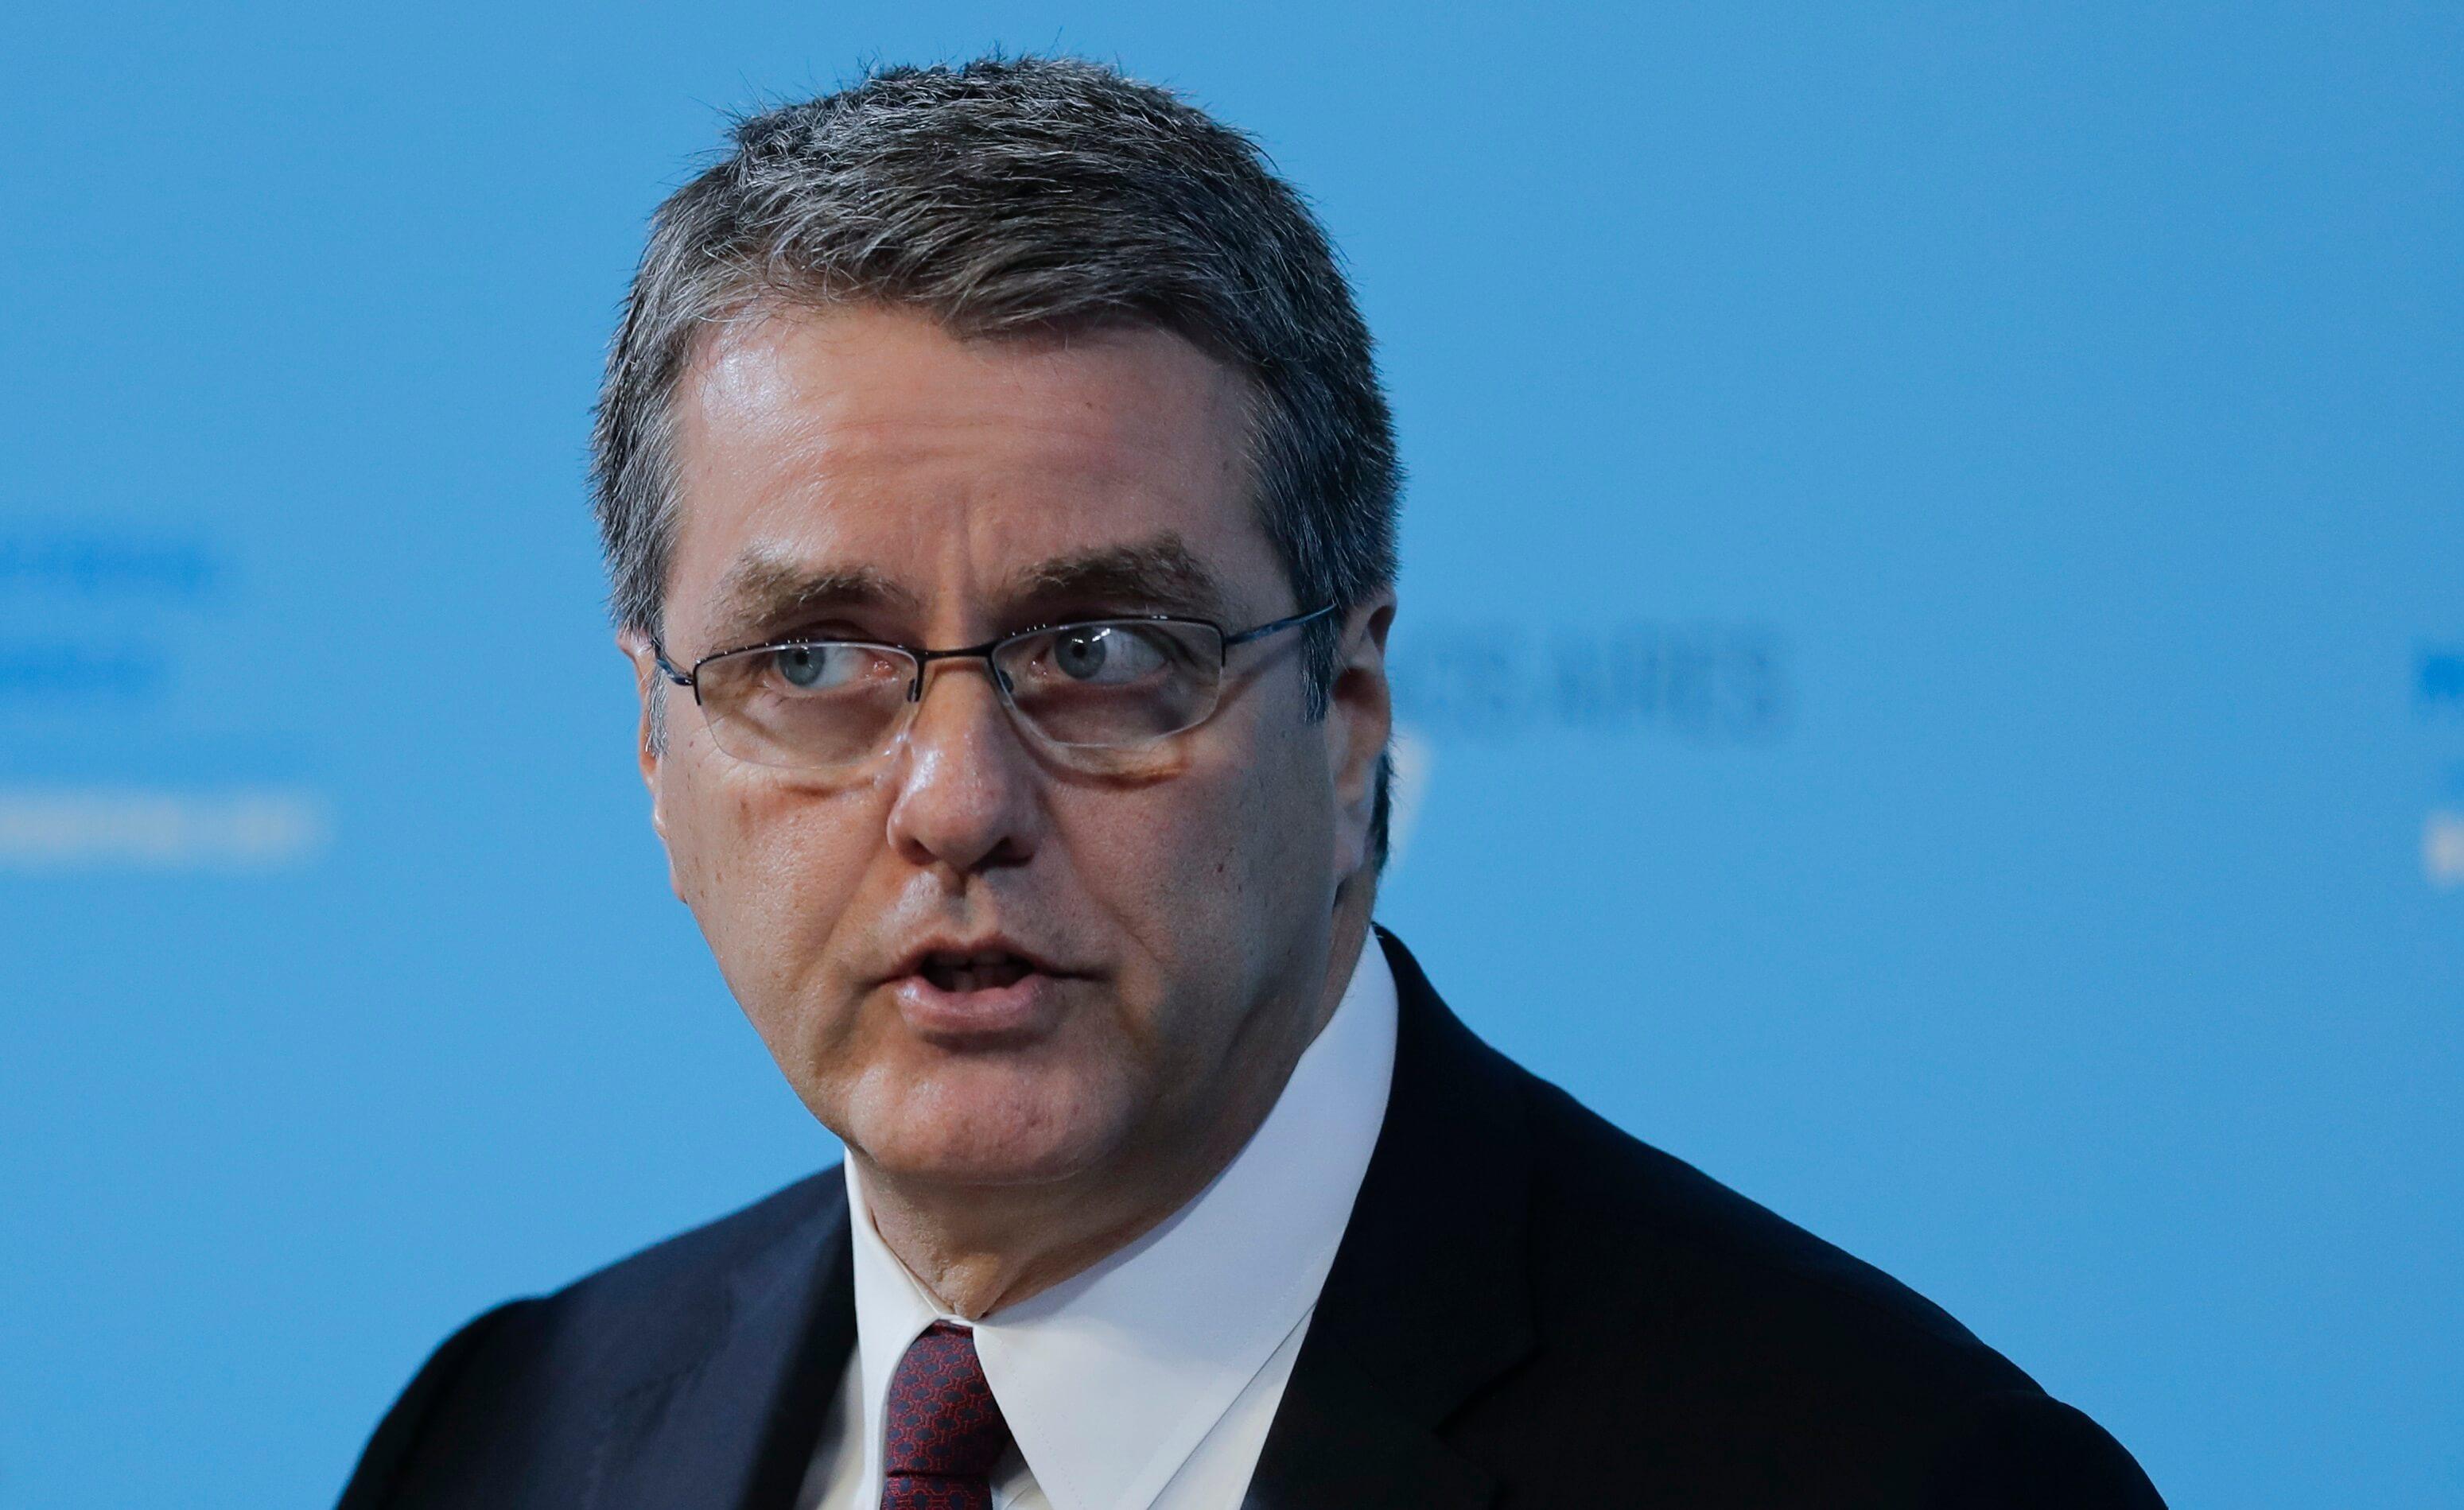 El director de la OMC responde a críticas de Donald Trump